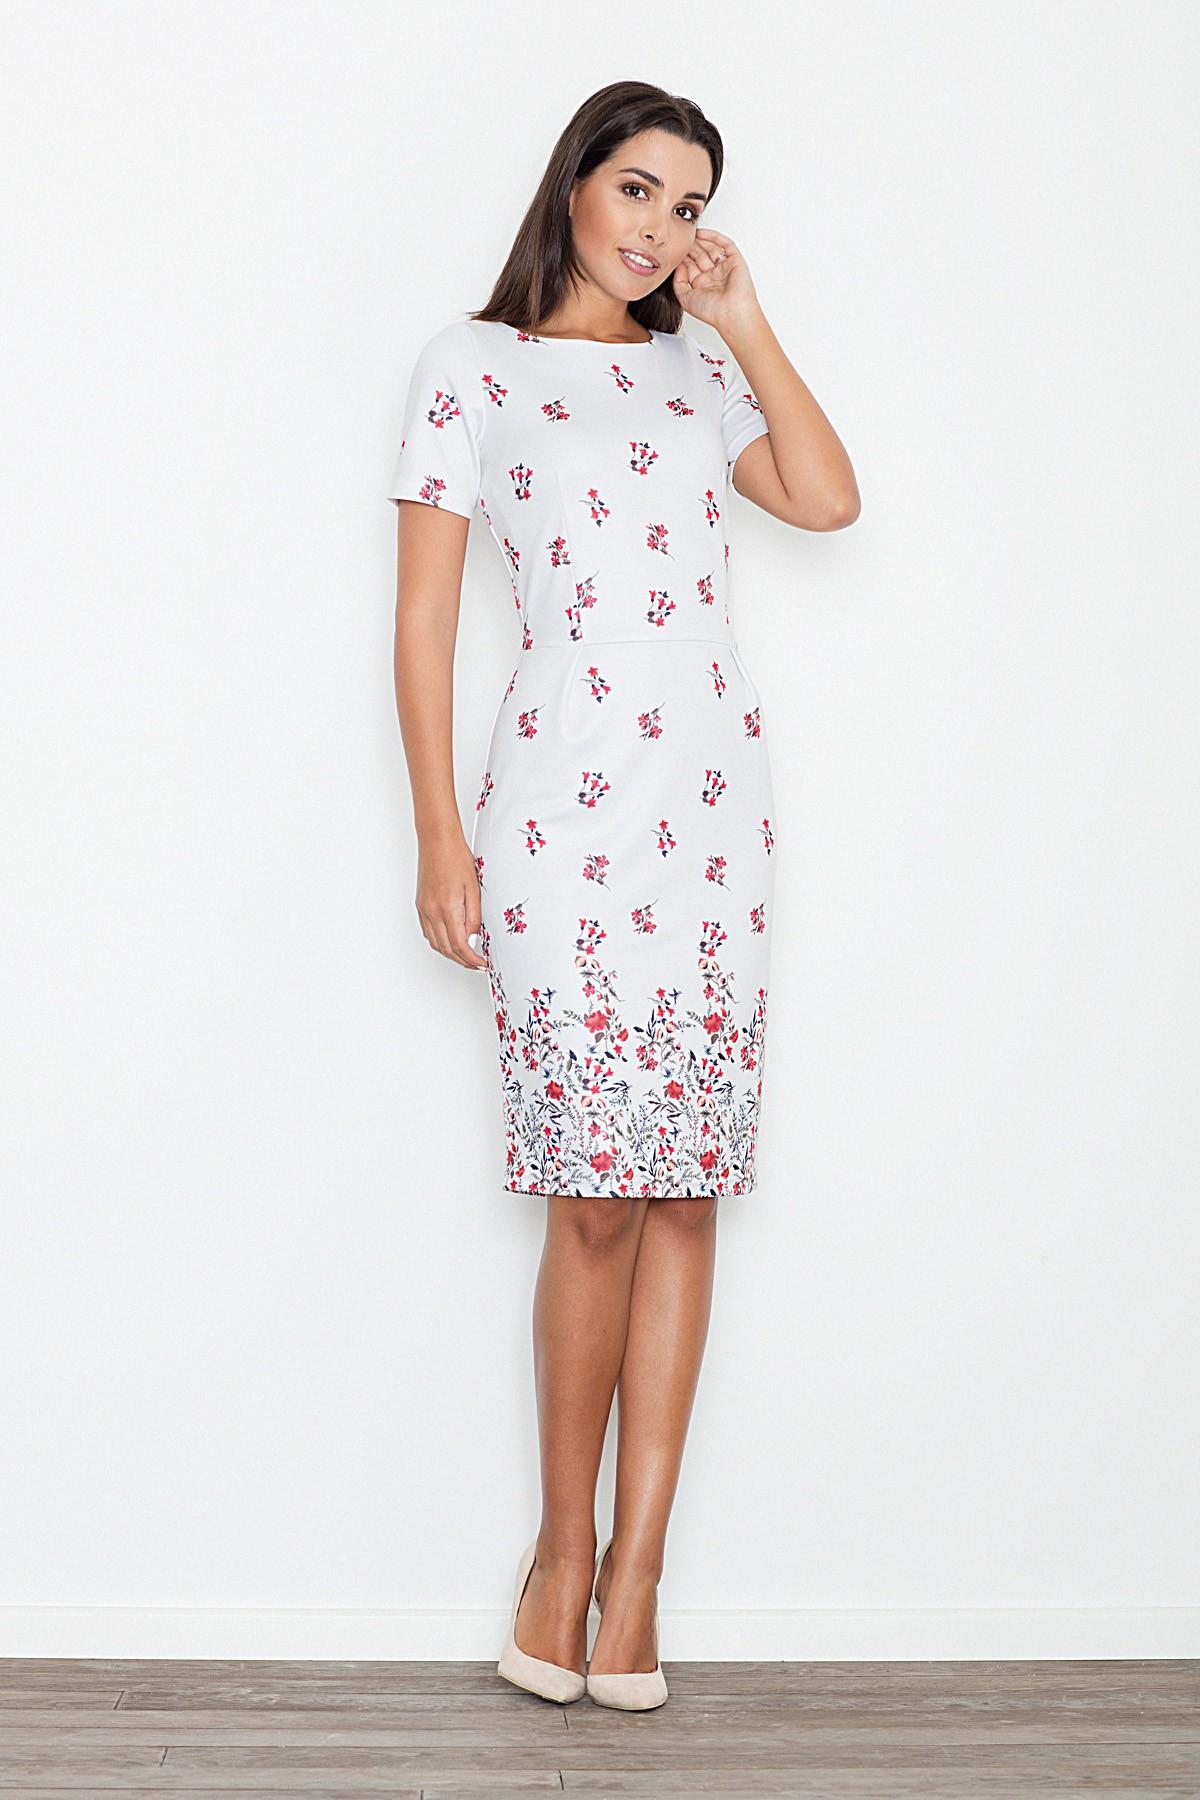 891c019907 Sukienka ołówkowa midi biała - Duży wybór sukienek w e-margeritka.pl